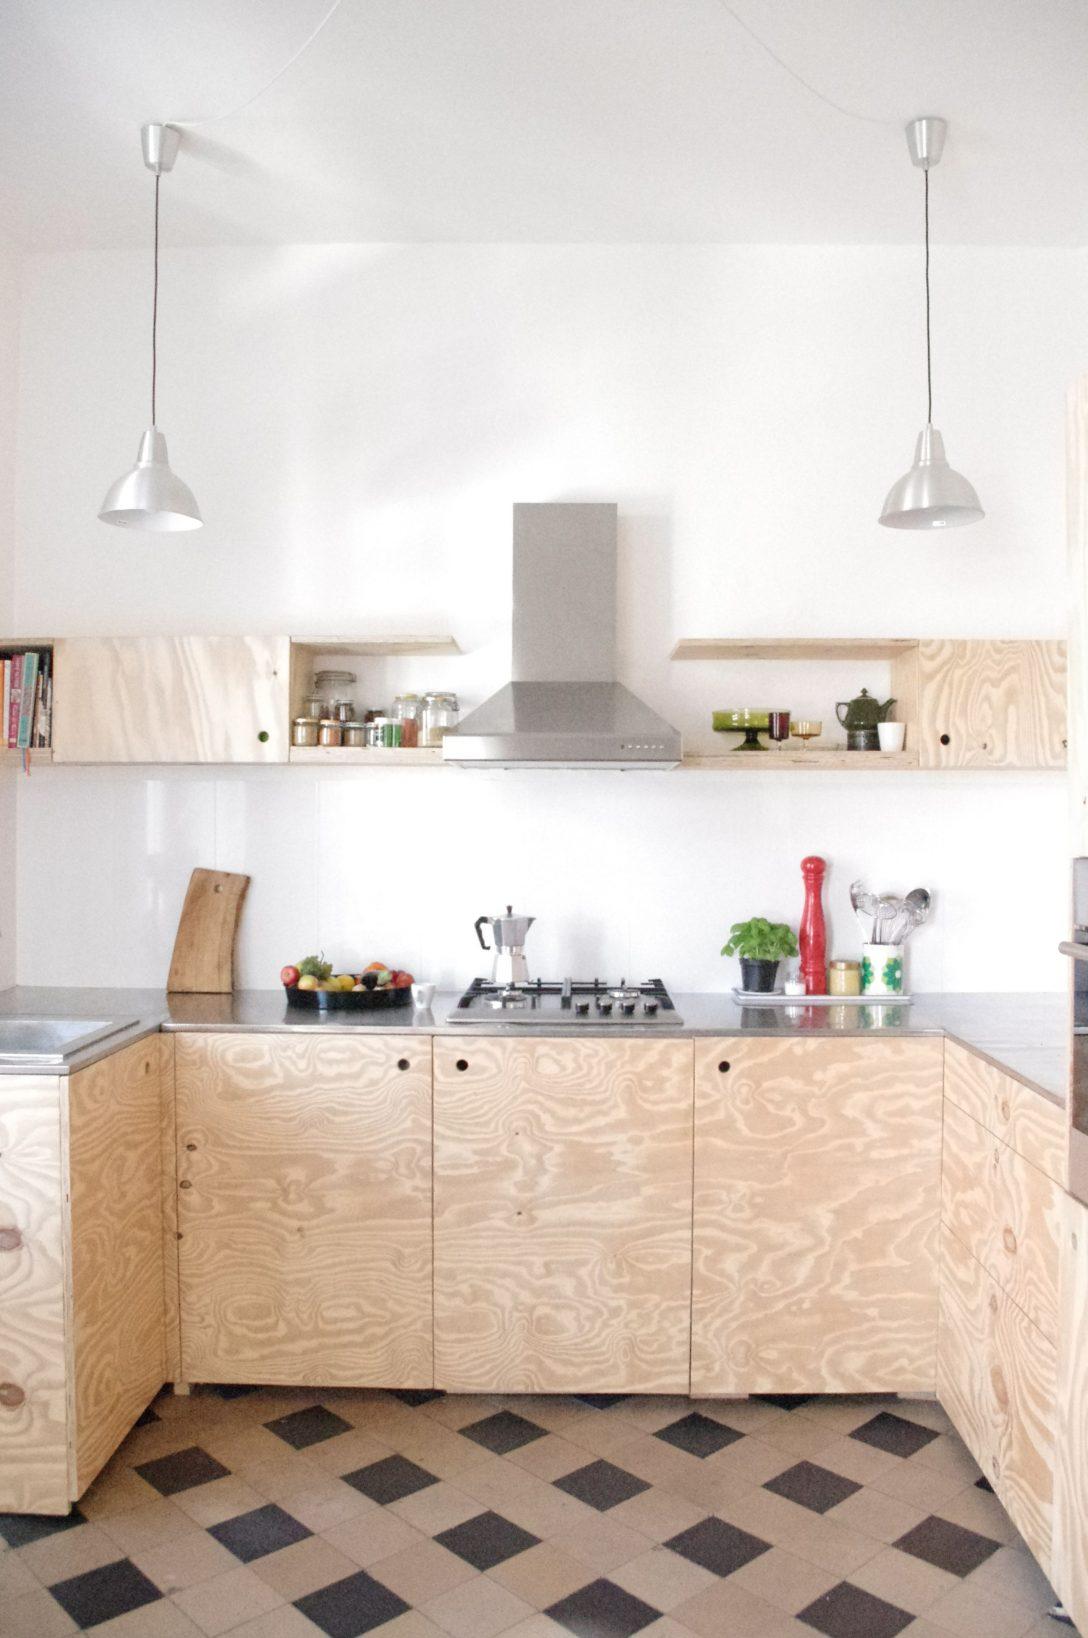 Large Size of Diy Kche In 2020 Selber Bauen Küche Kaufen Mit Elektrogeräten Gewinnen Pendelleuchten Ausstellungsküche Ohne Oberschränke Pantryküche Kühlschrank Wohnzimmer Küche Diy